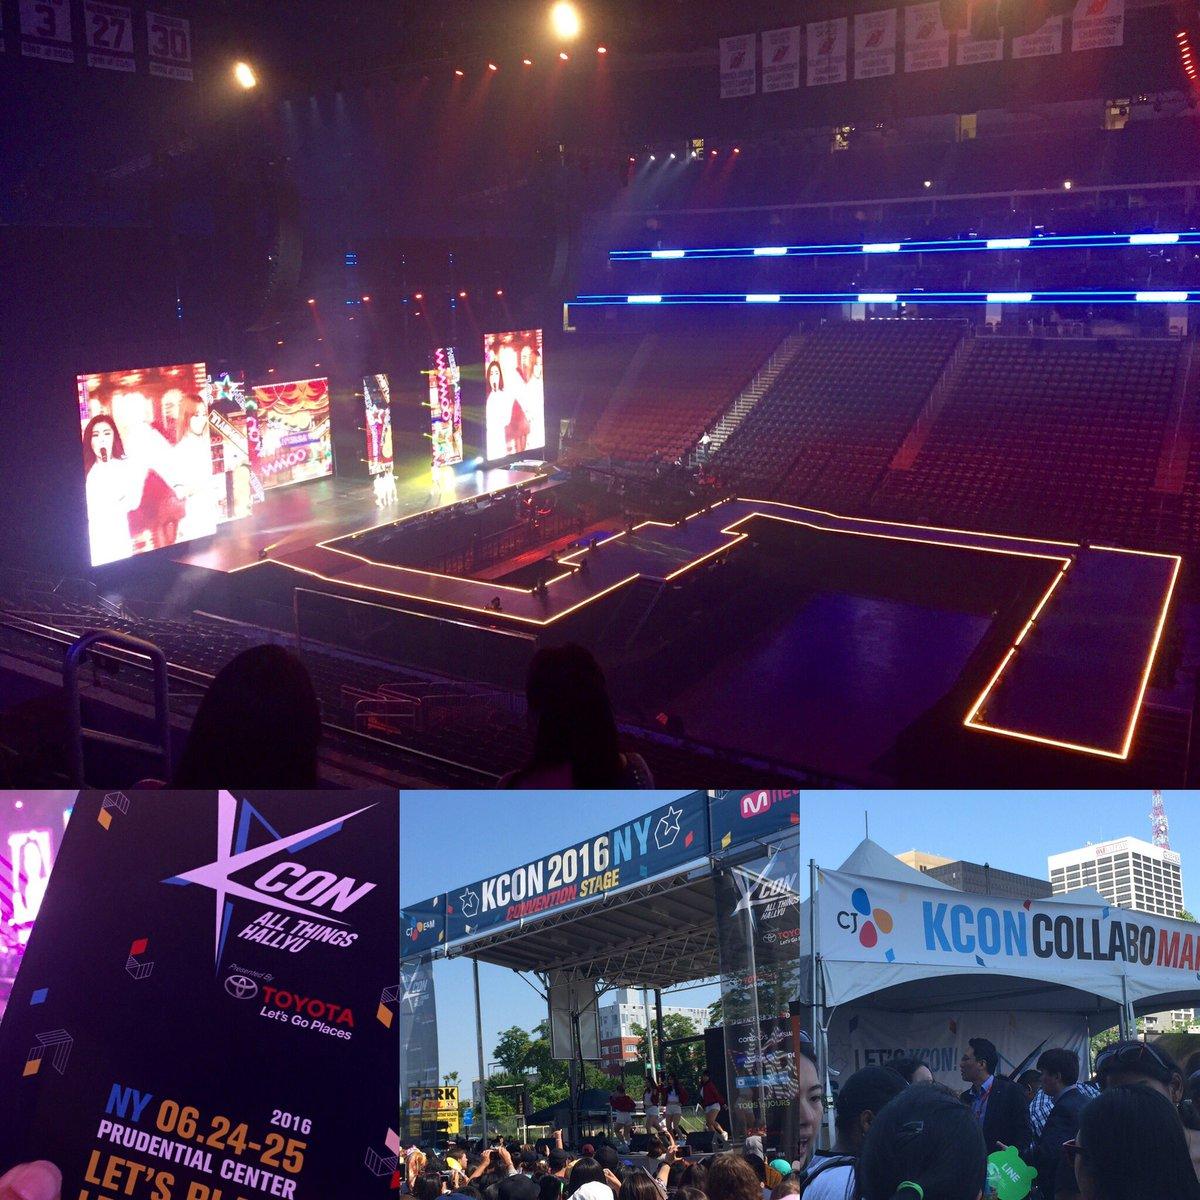 Querid@s fans del KPop, aguanten, el KCON en México, será memorable. Y eso que Nueva York fue INCREÍBLE https://t.co/c1iB6SYPUU